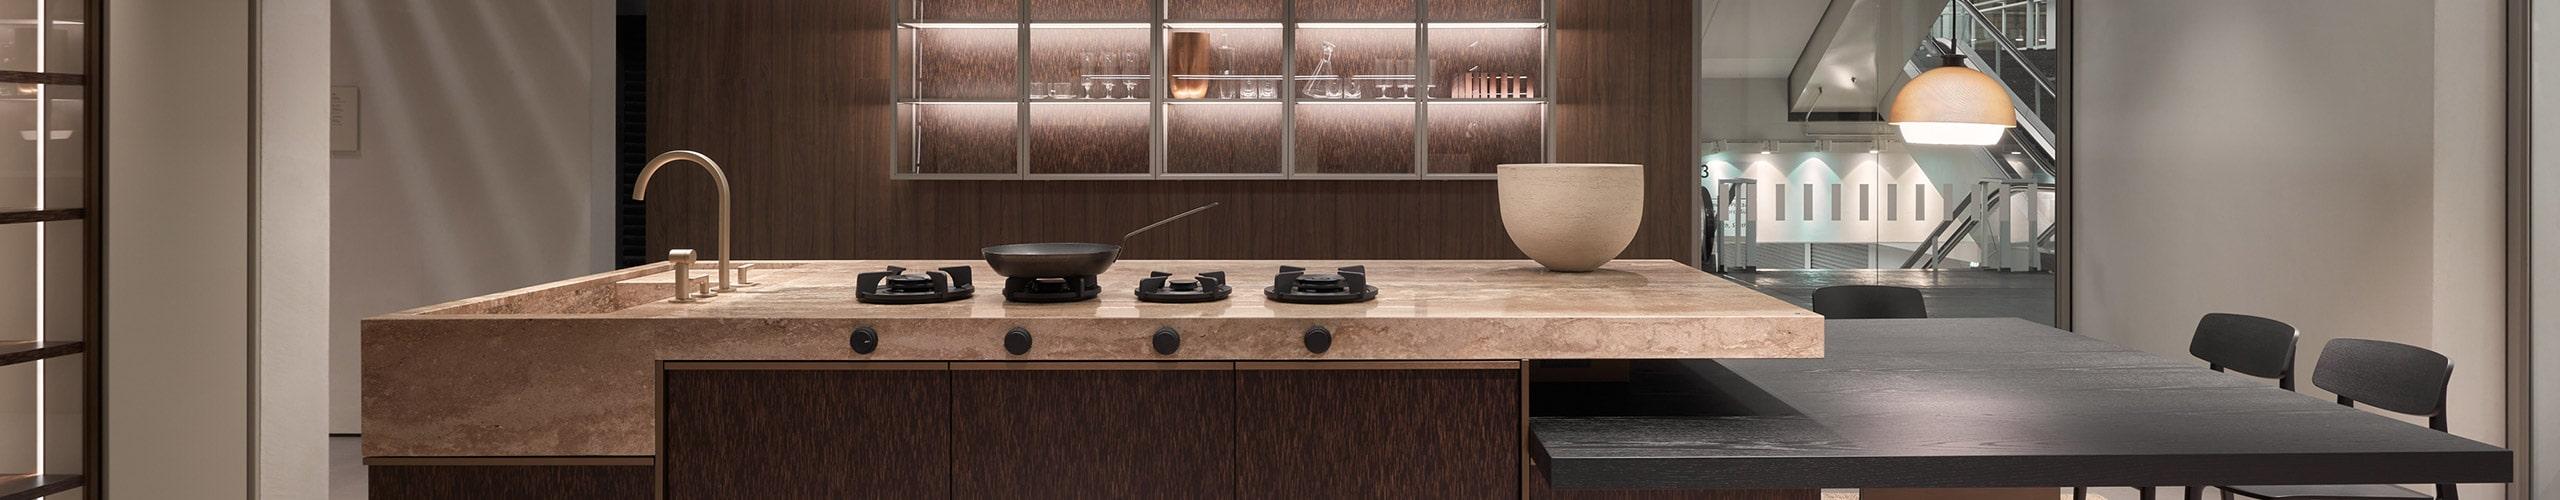 progettazione-arredi-interni-maxxi-design-lecce-brindisi-taranto